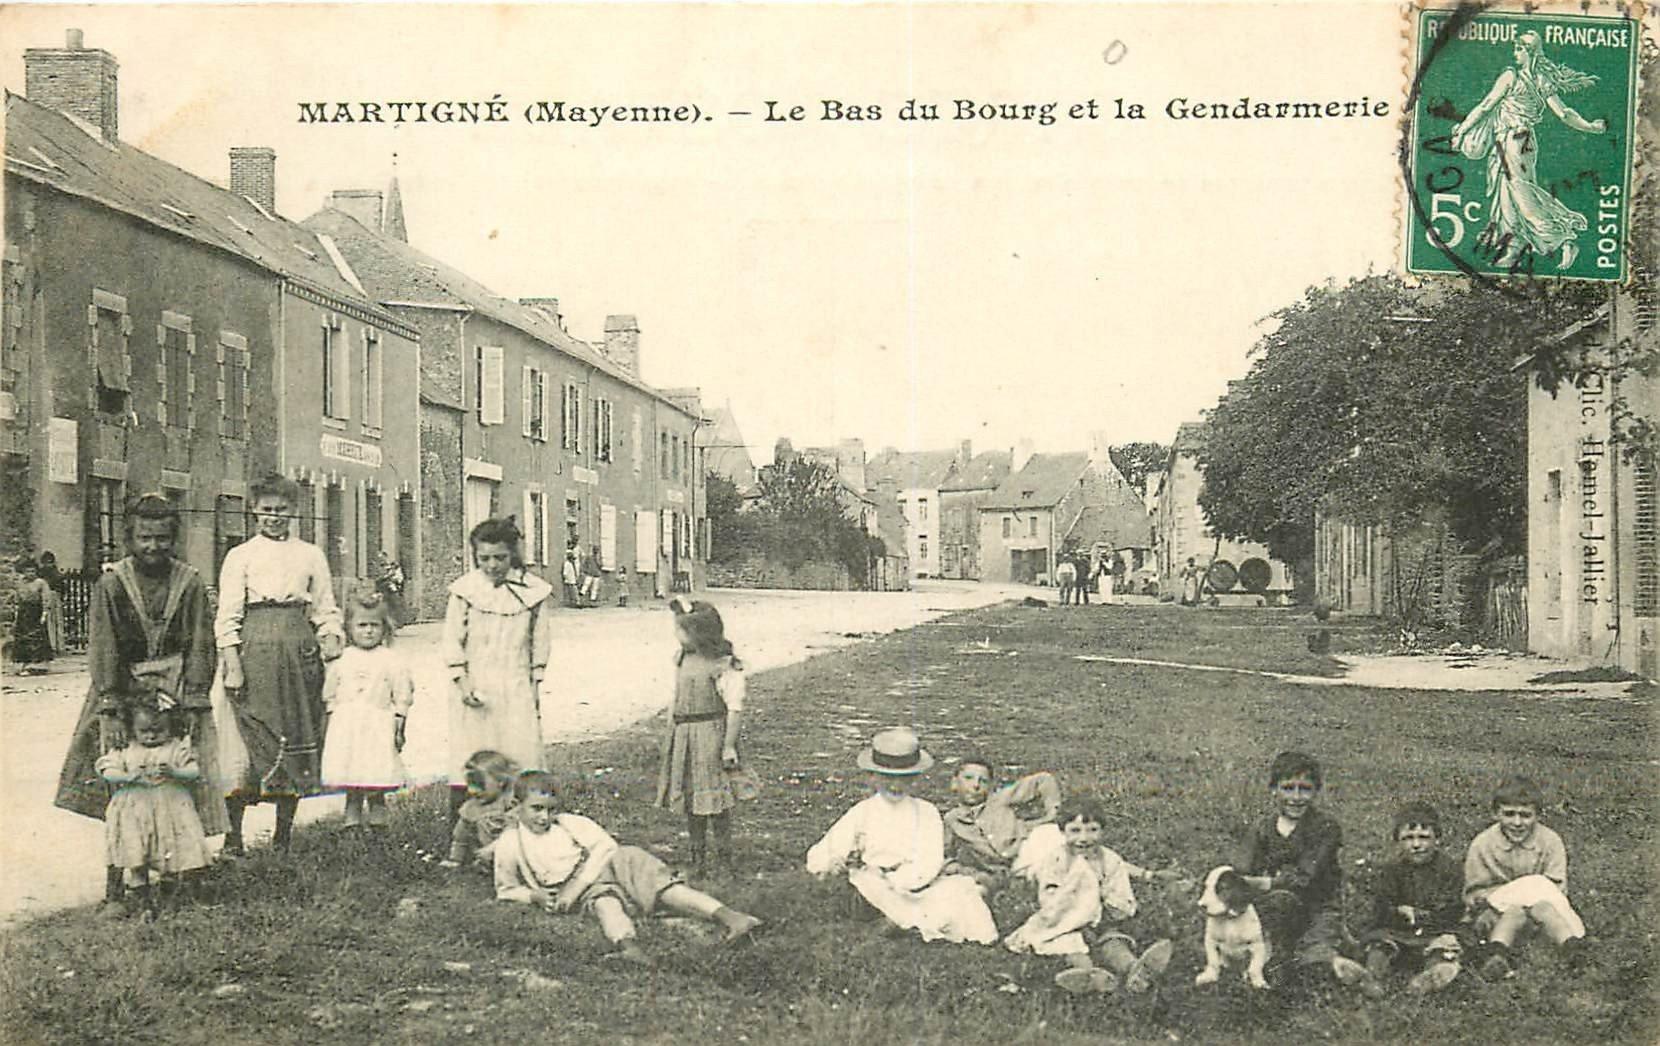 53 MARTIGNE. La Gendarmerie au Bas du Bourg 1908